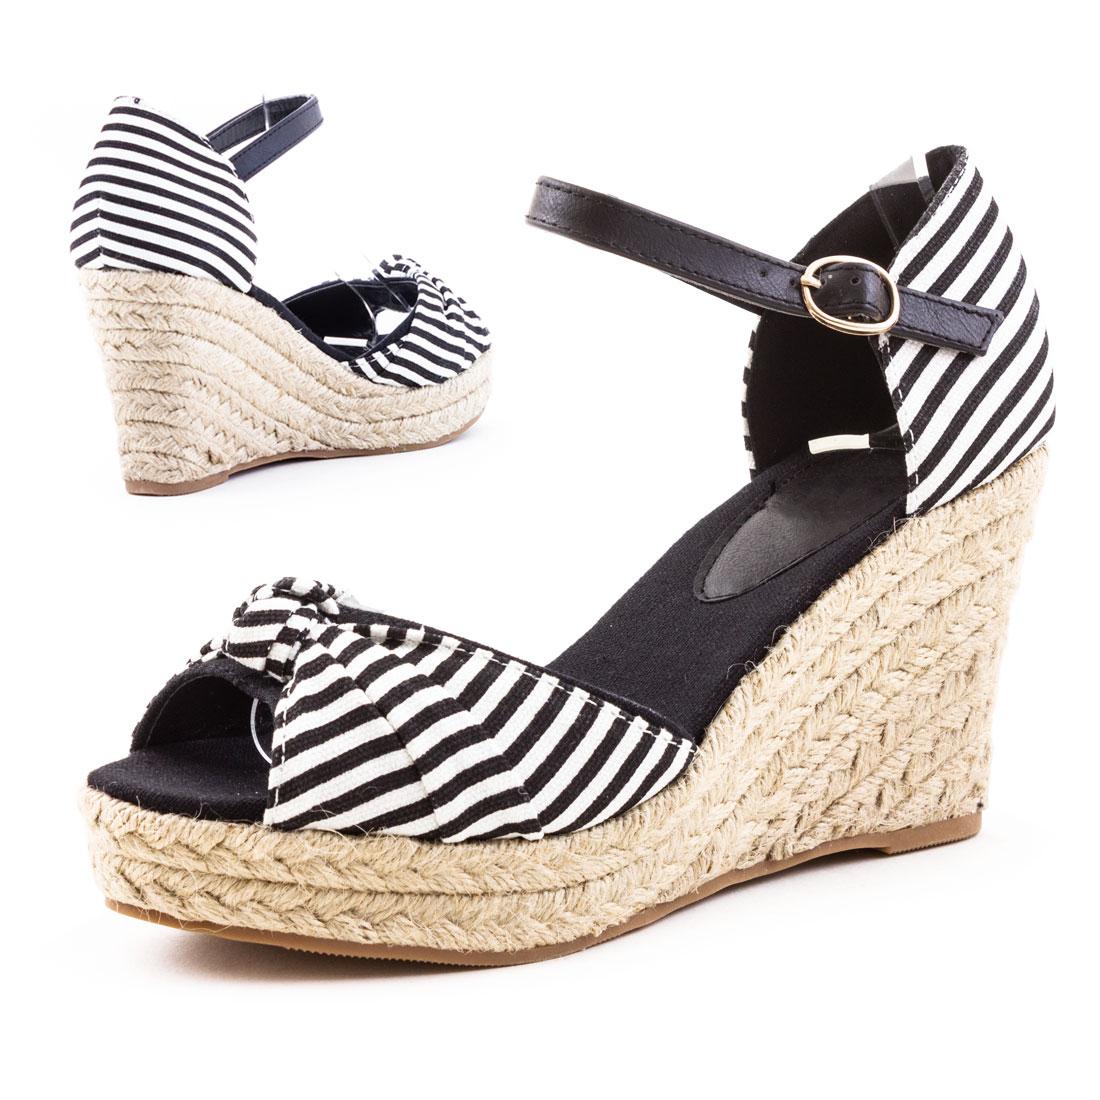 neu damen keilabsatz plateau sommer sandalen wedges schuhe gr 36 37 38 39 40 41 ebay. Black Bedroom Furniture Sets. Home Design Ideas